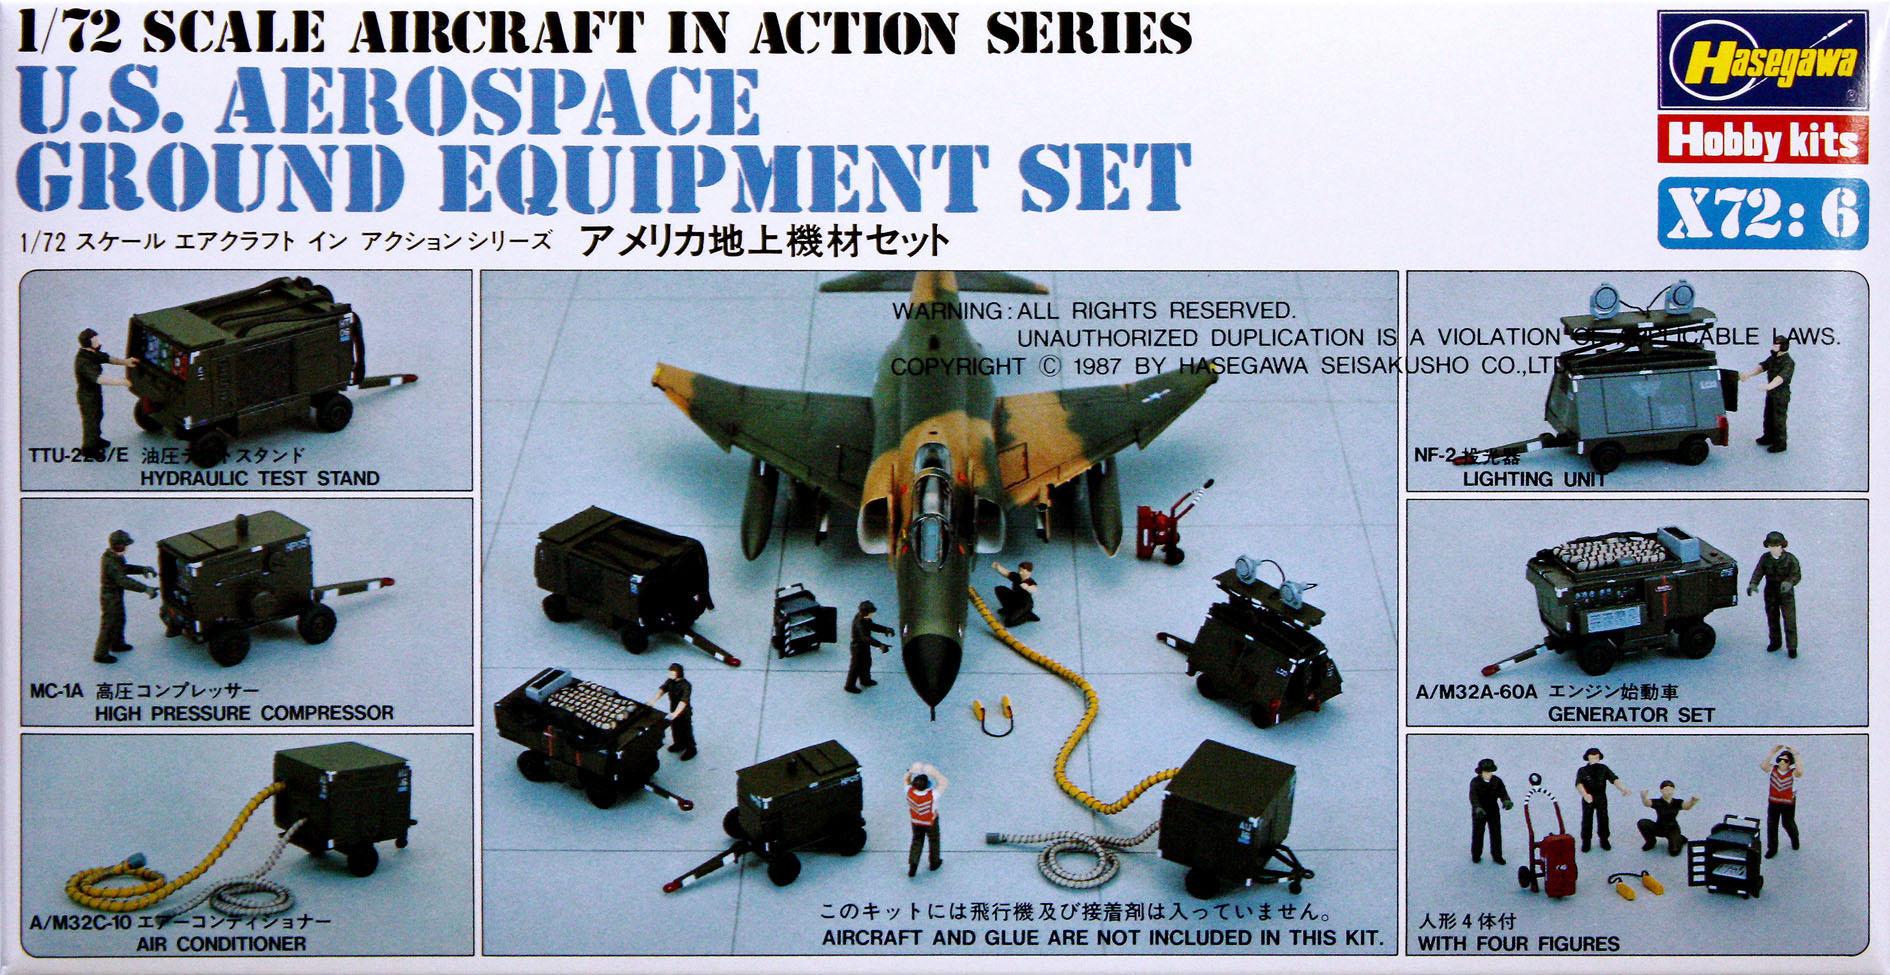 Hasegawa 1/72 Gound Equipment Set